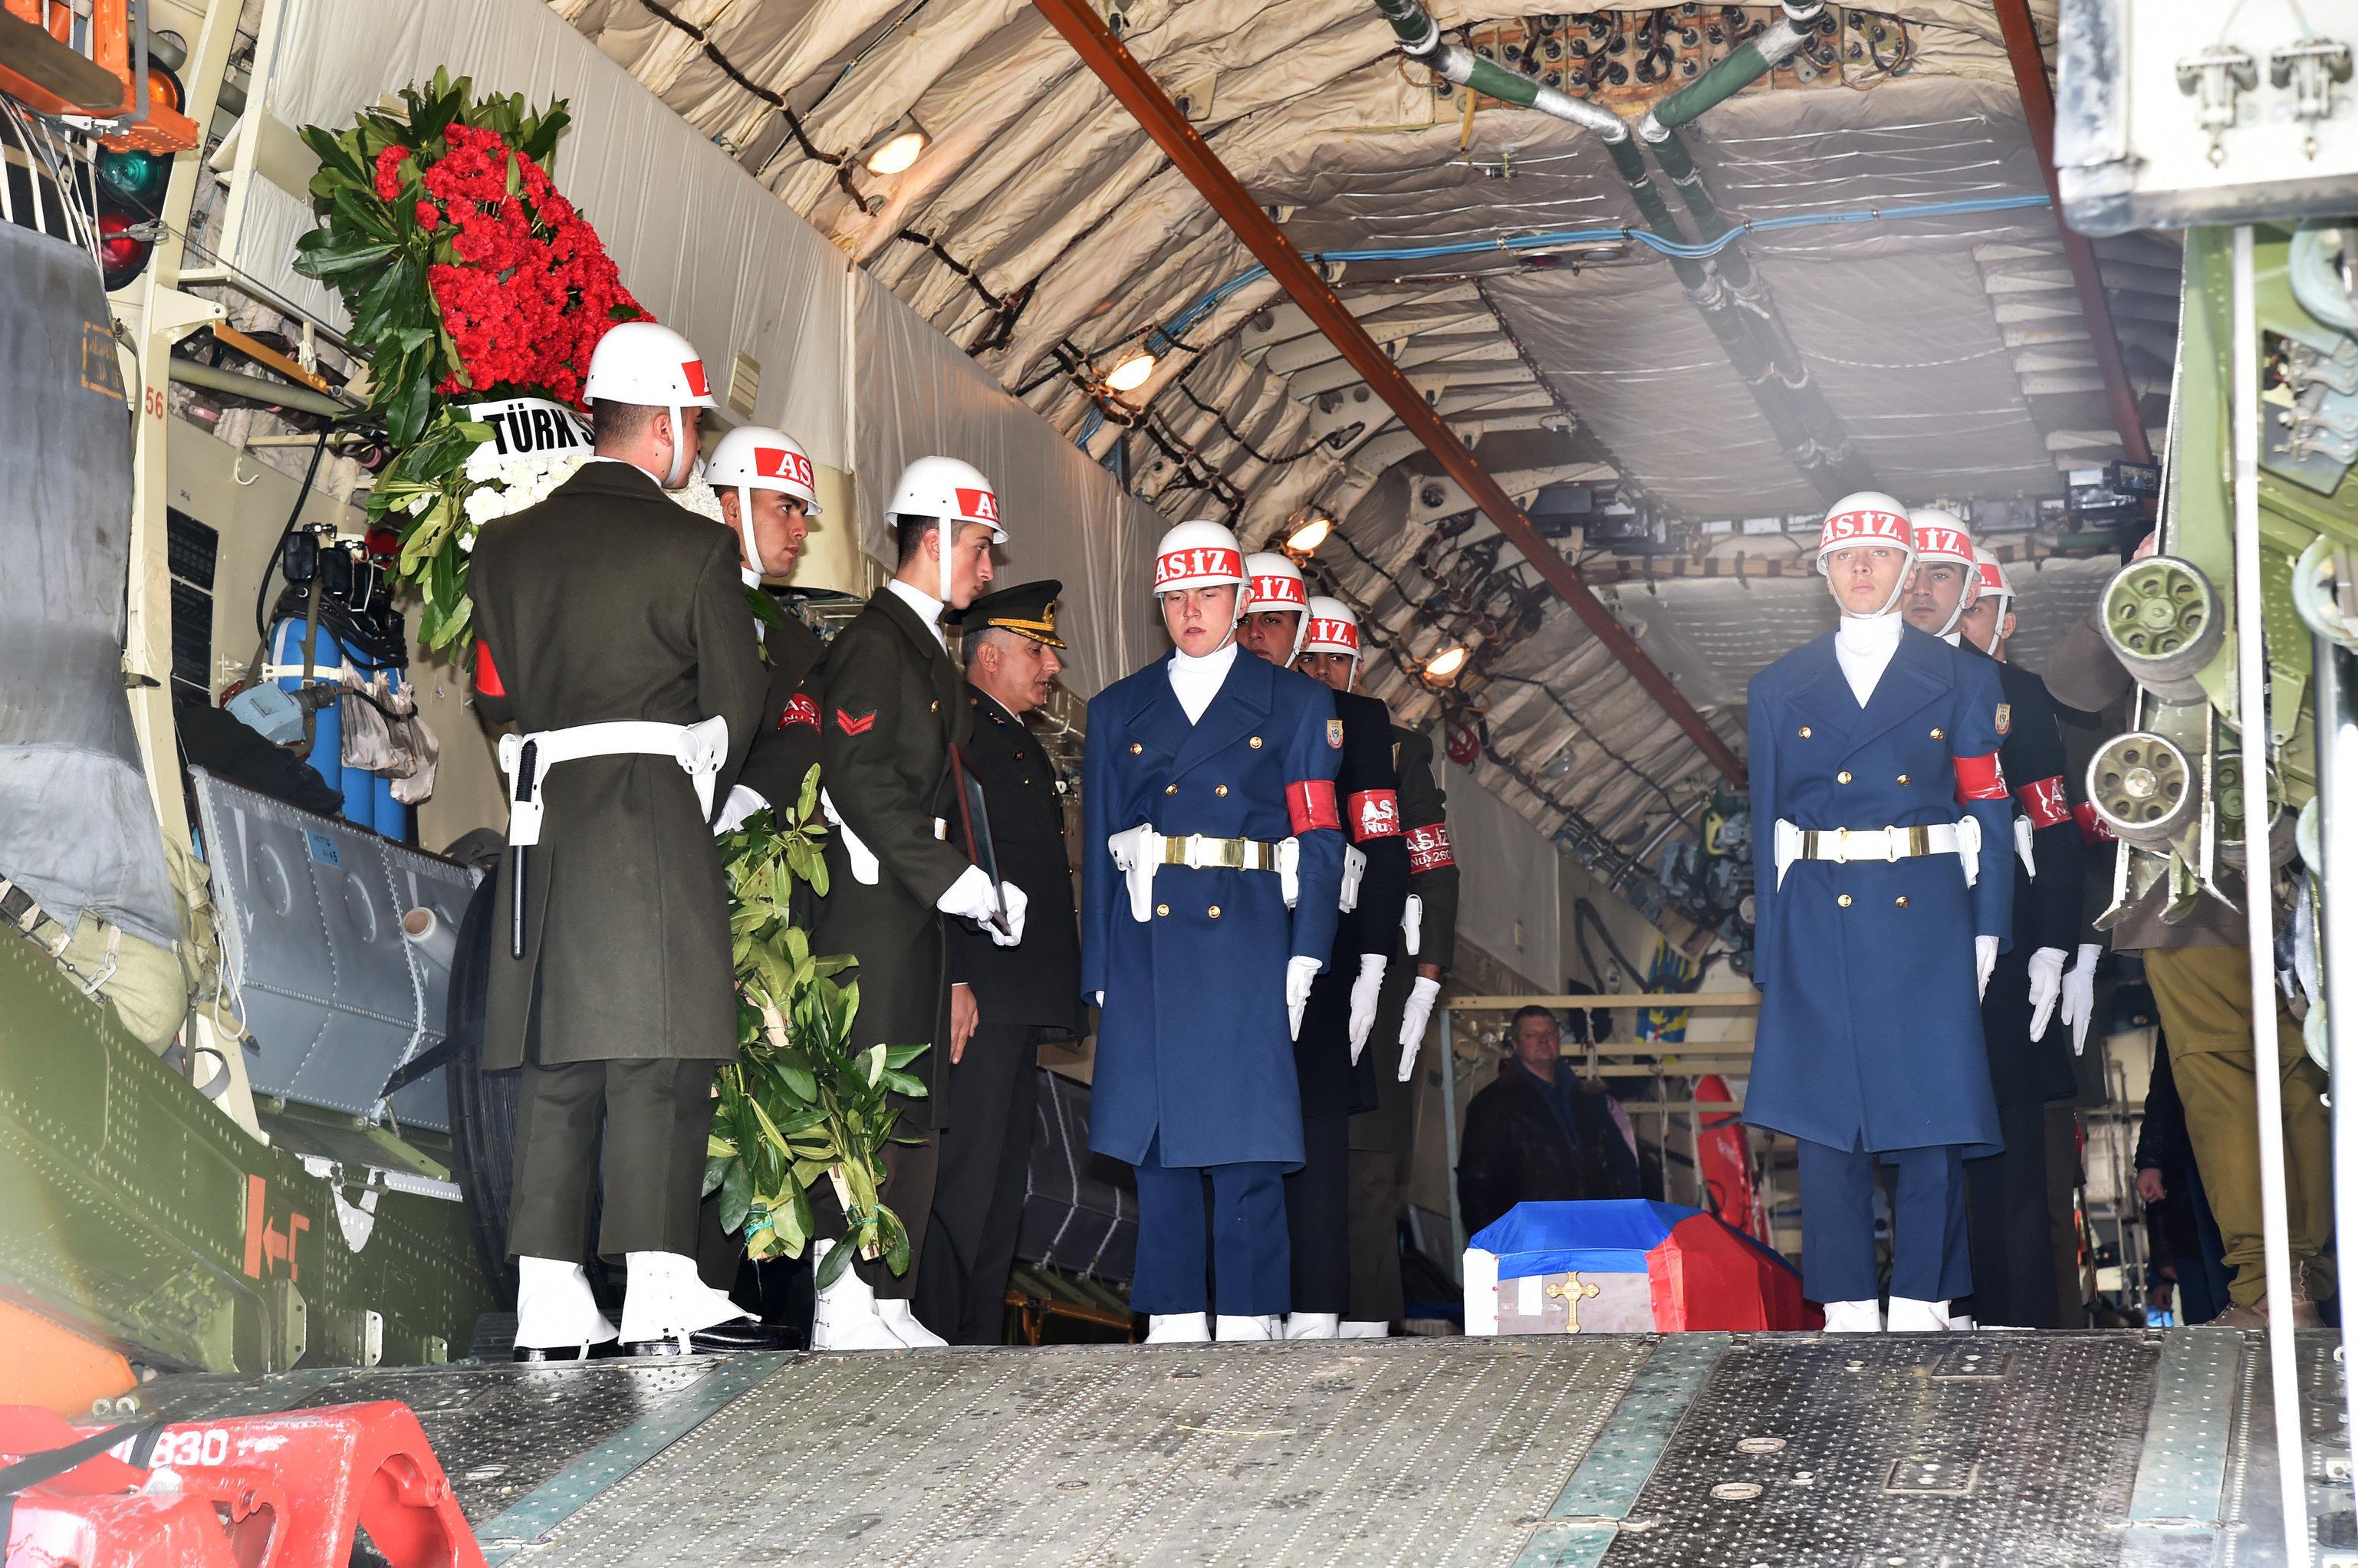 Гроб с телом российского летчика О.Пешкова отправлен из Турции в Россию